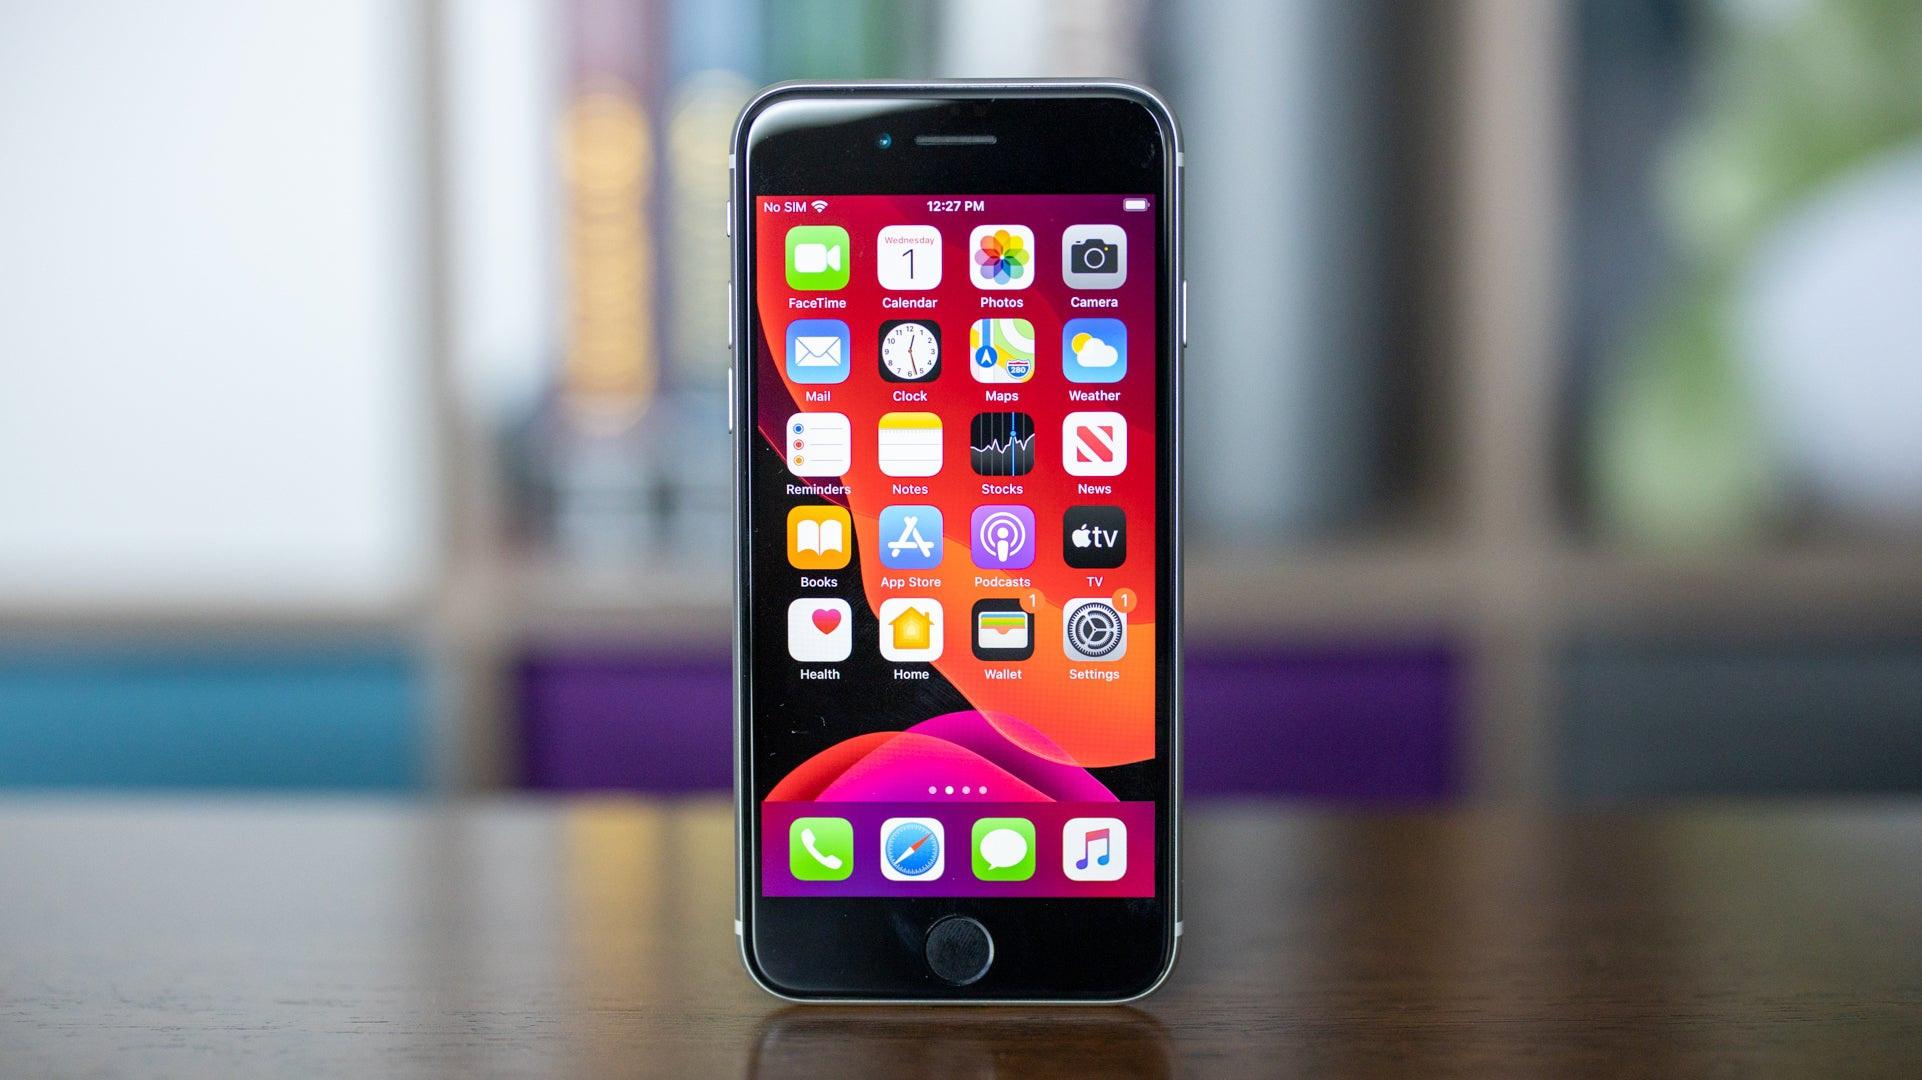 Bán chạy thứ 2 thế giới, chiếc smartphone này lại bị thờ ơ tại Việt Nam - 2